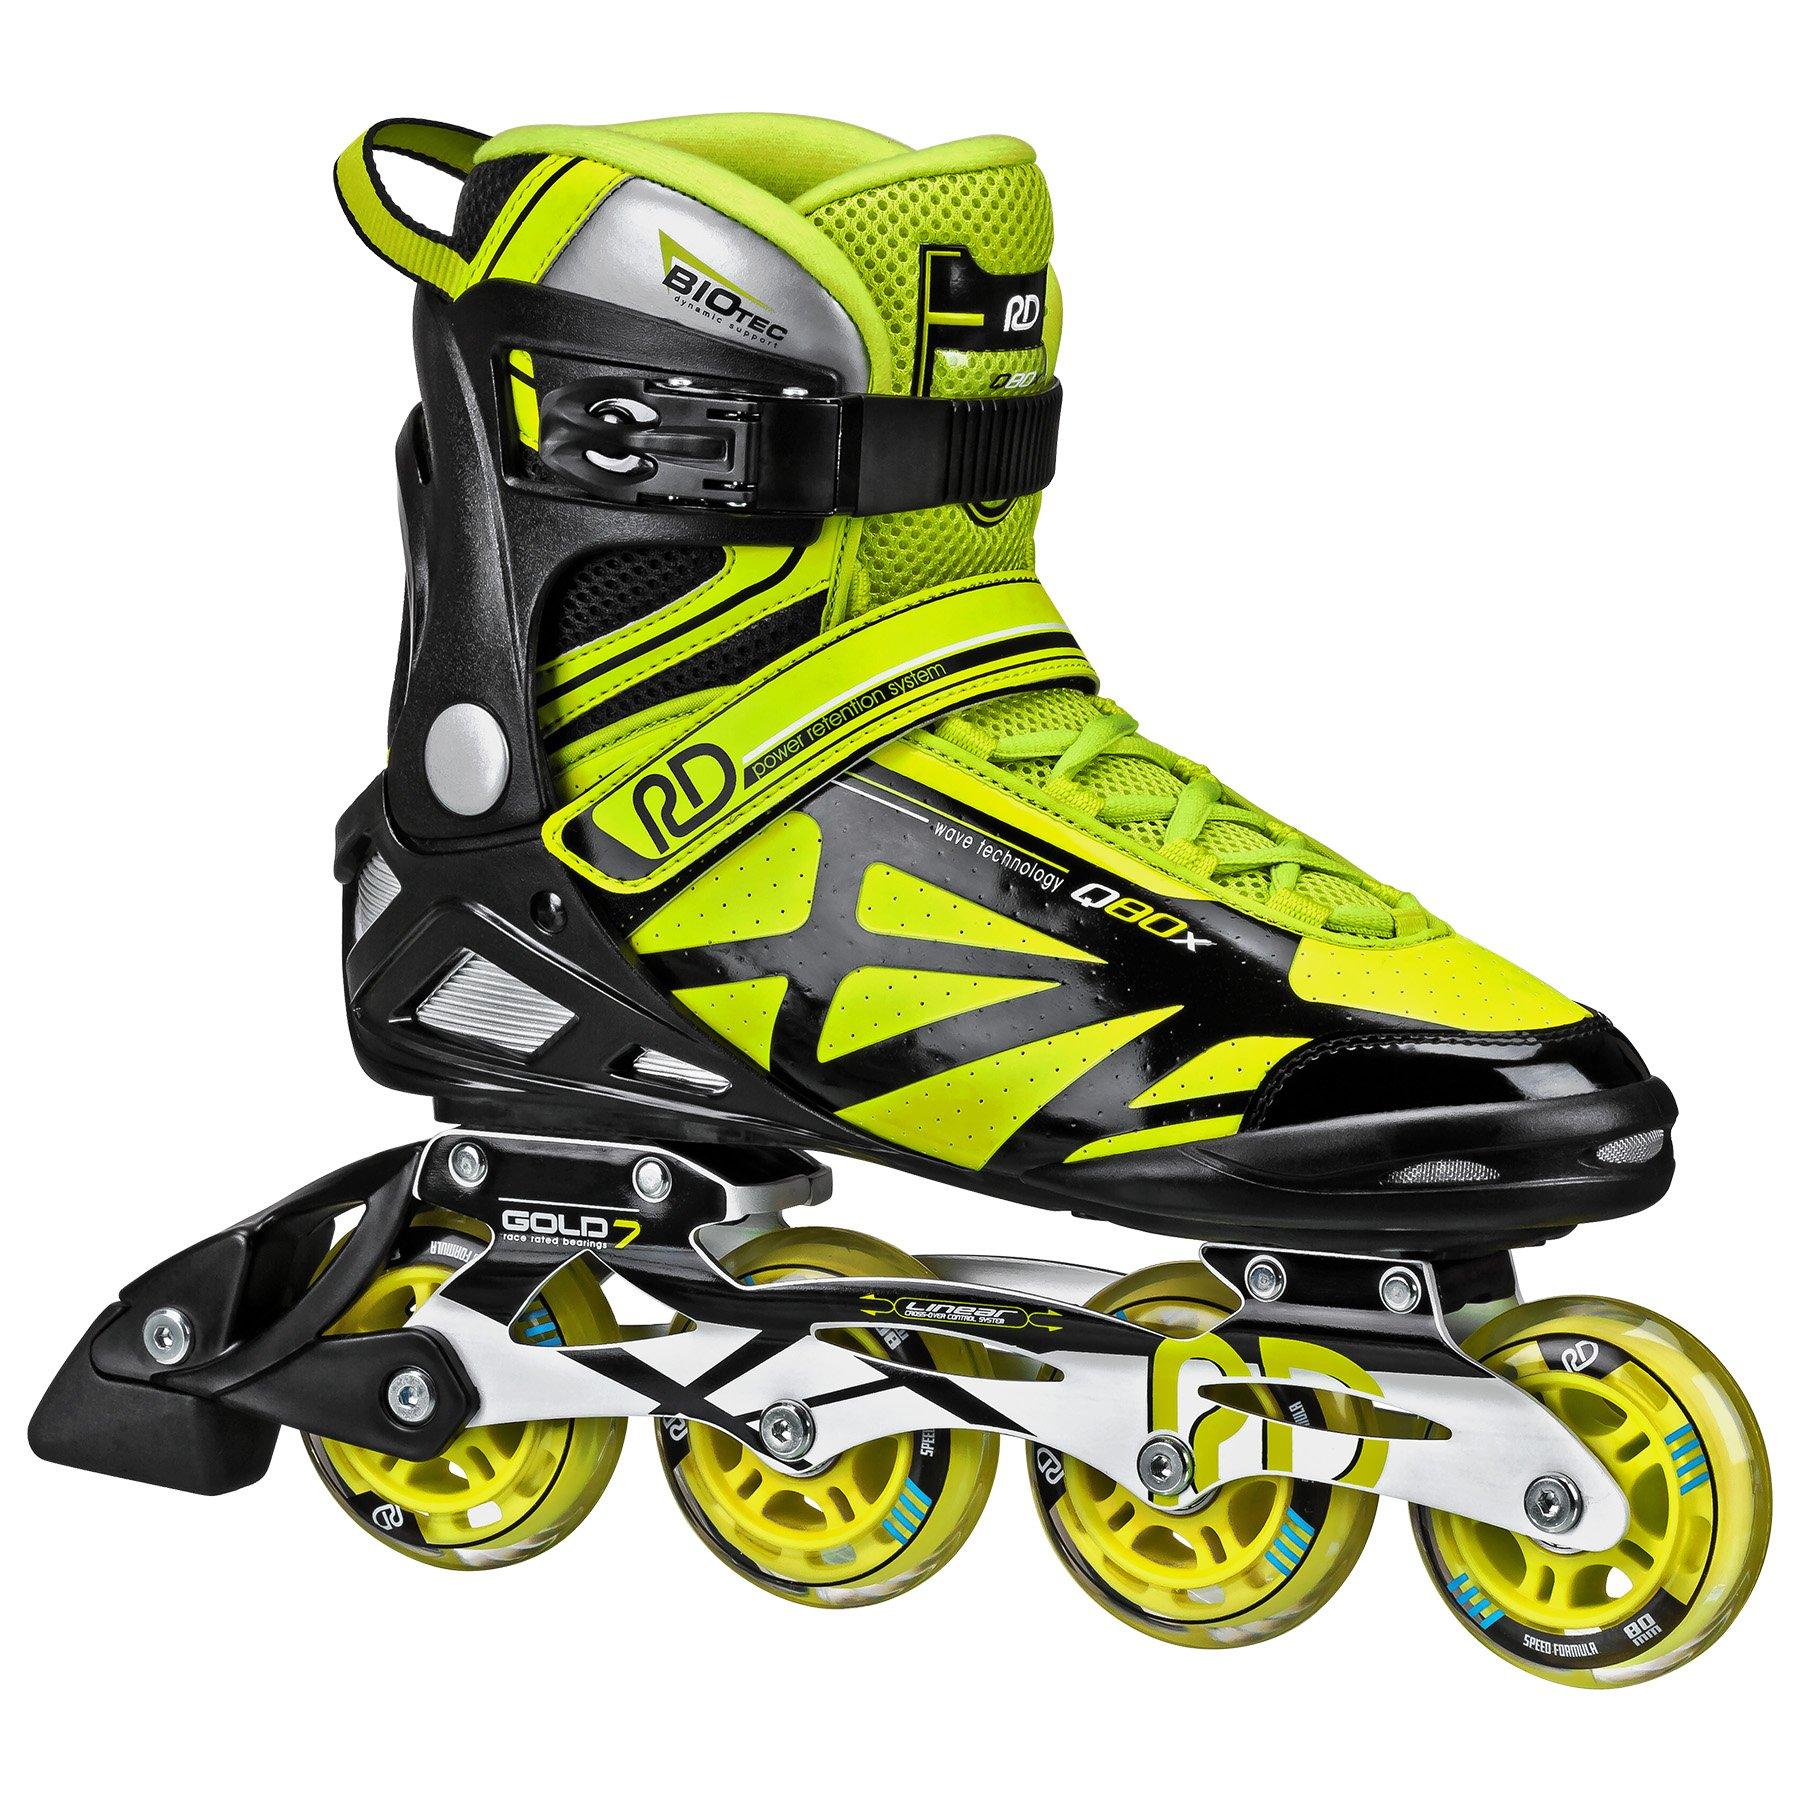 Roller Derby Aerio Q80X Mens Inline Skate, Black/Yellow, 11 by Roller Derby